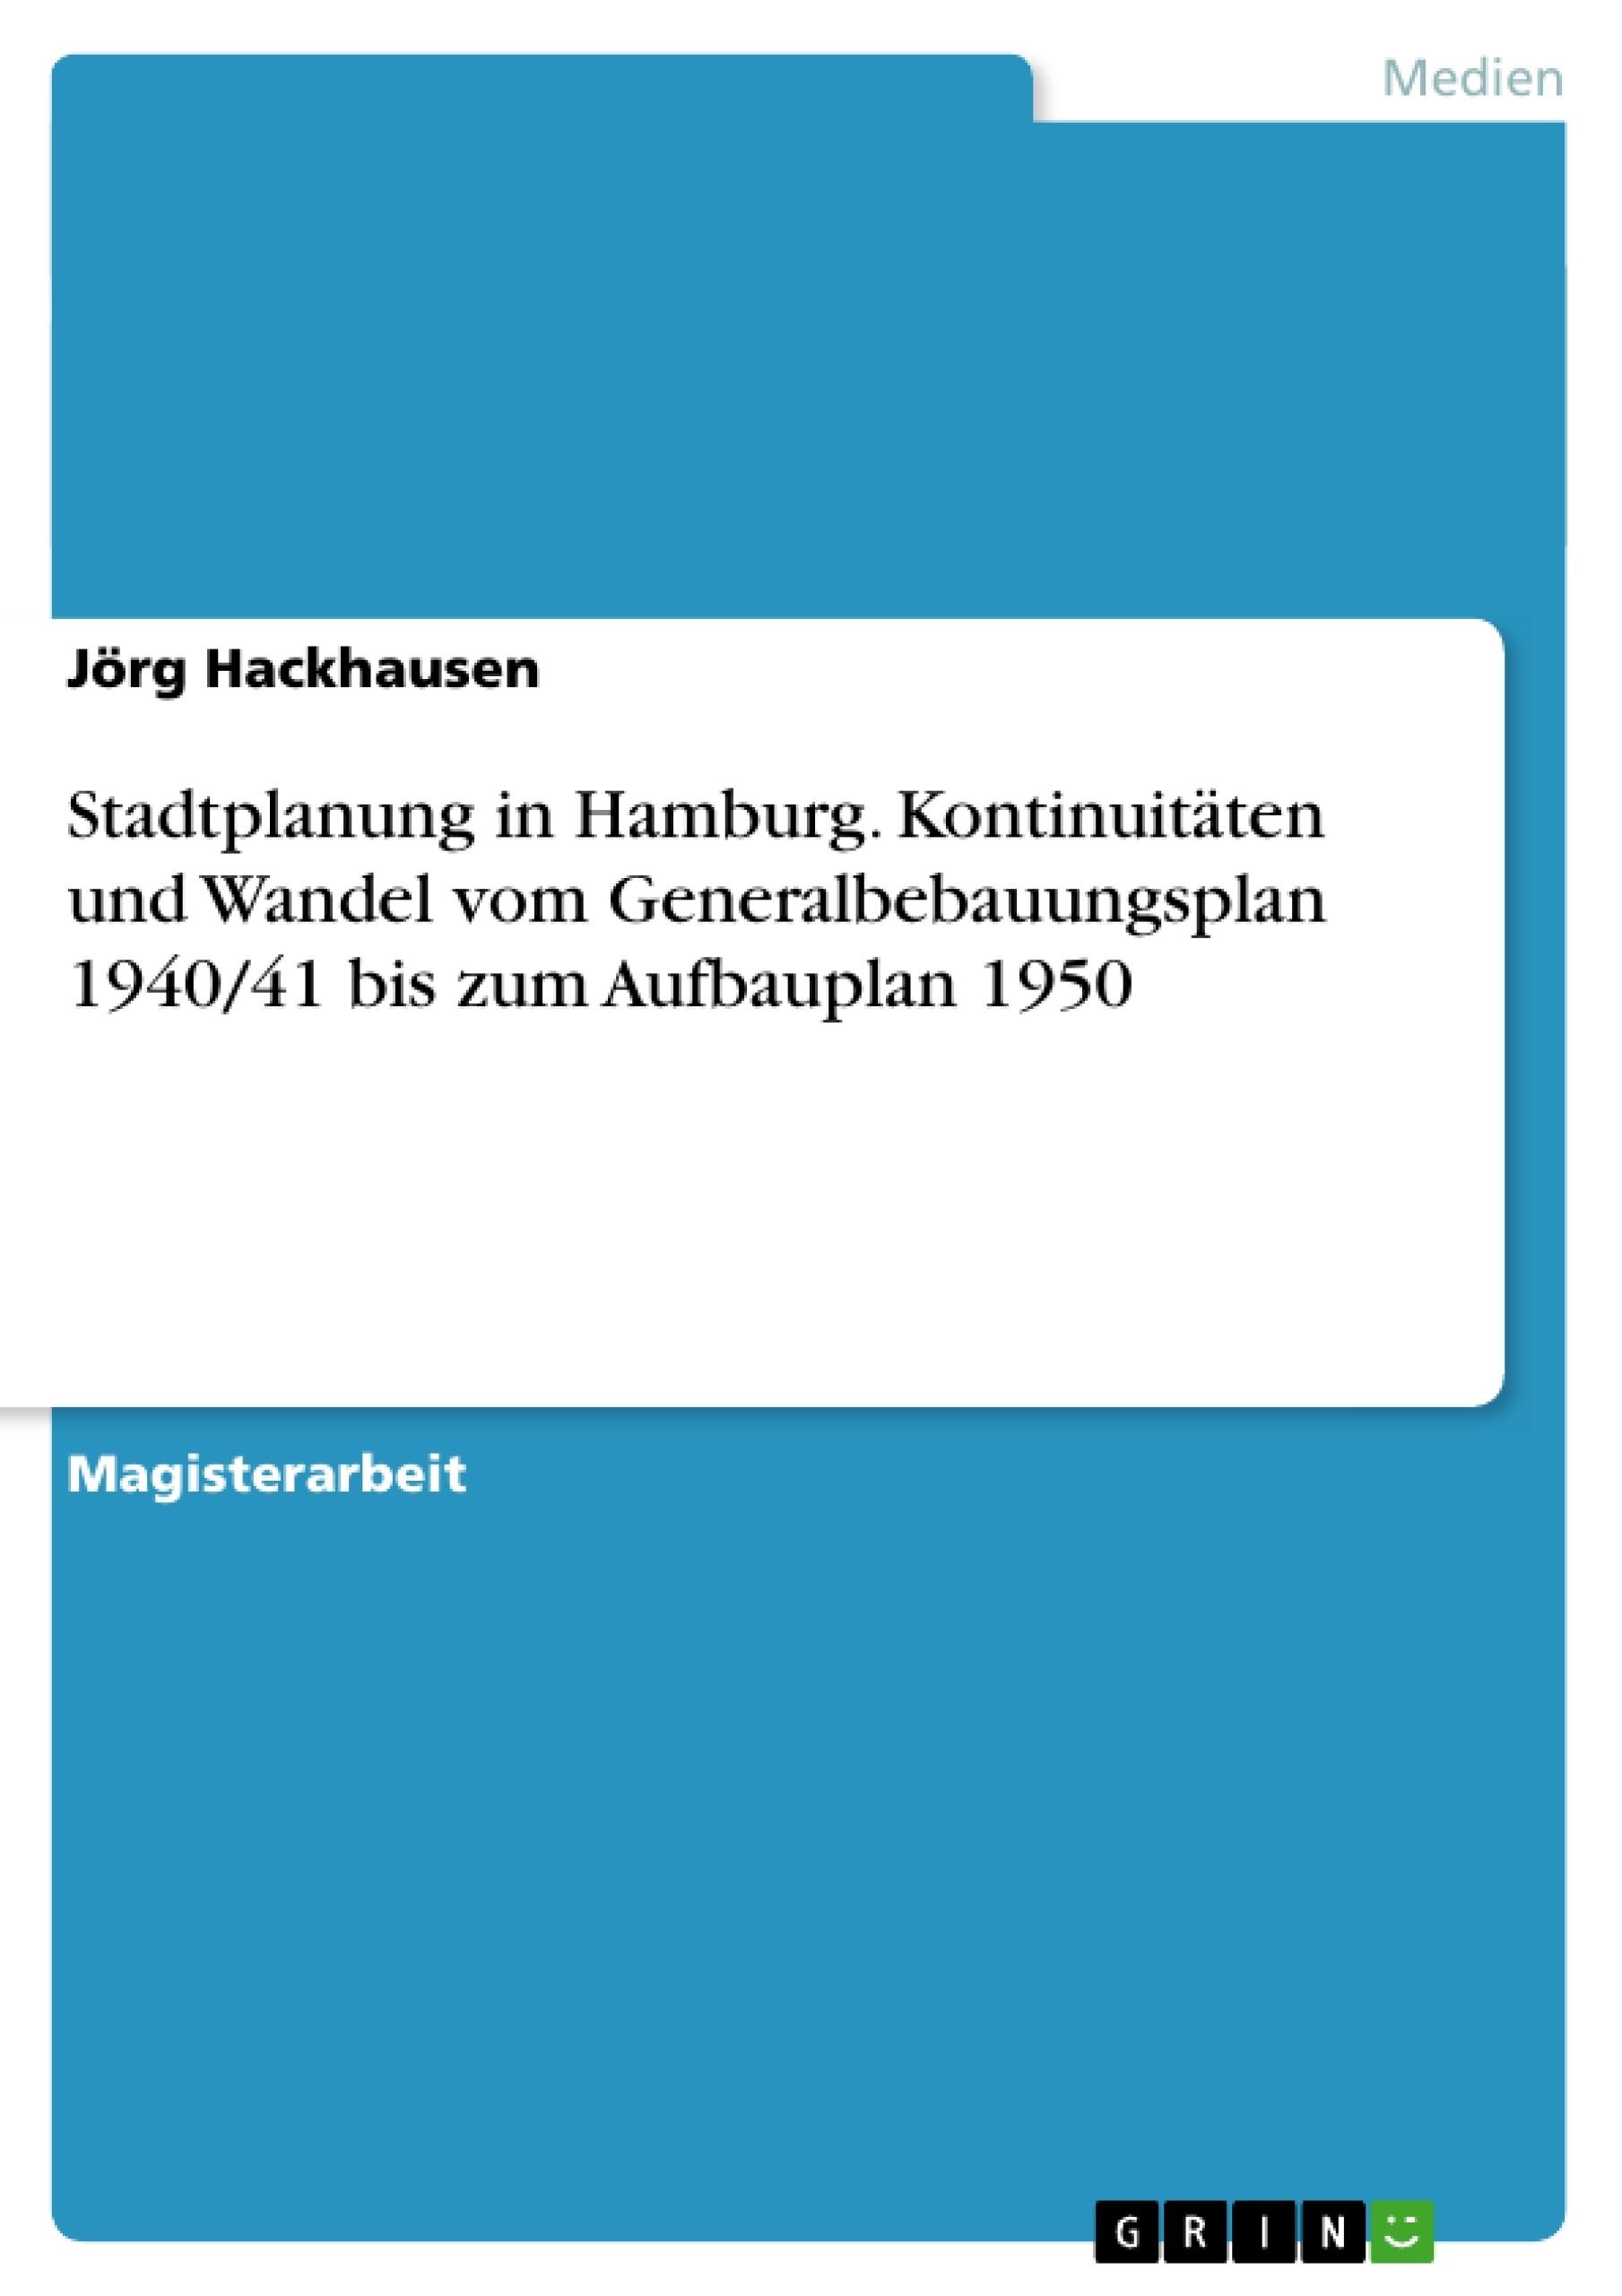 Titel: Stadtplanung in Hamburg. Kontinuitäten und Wandel vom Generalbebauungsplan 1940/41 bis zum Aufbauplan 1950